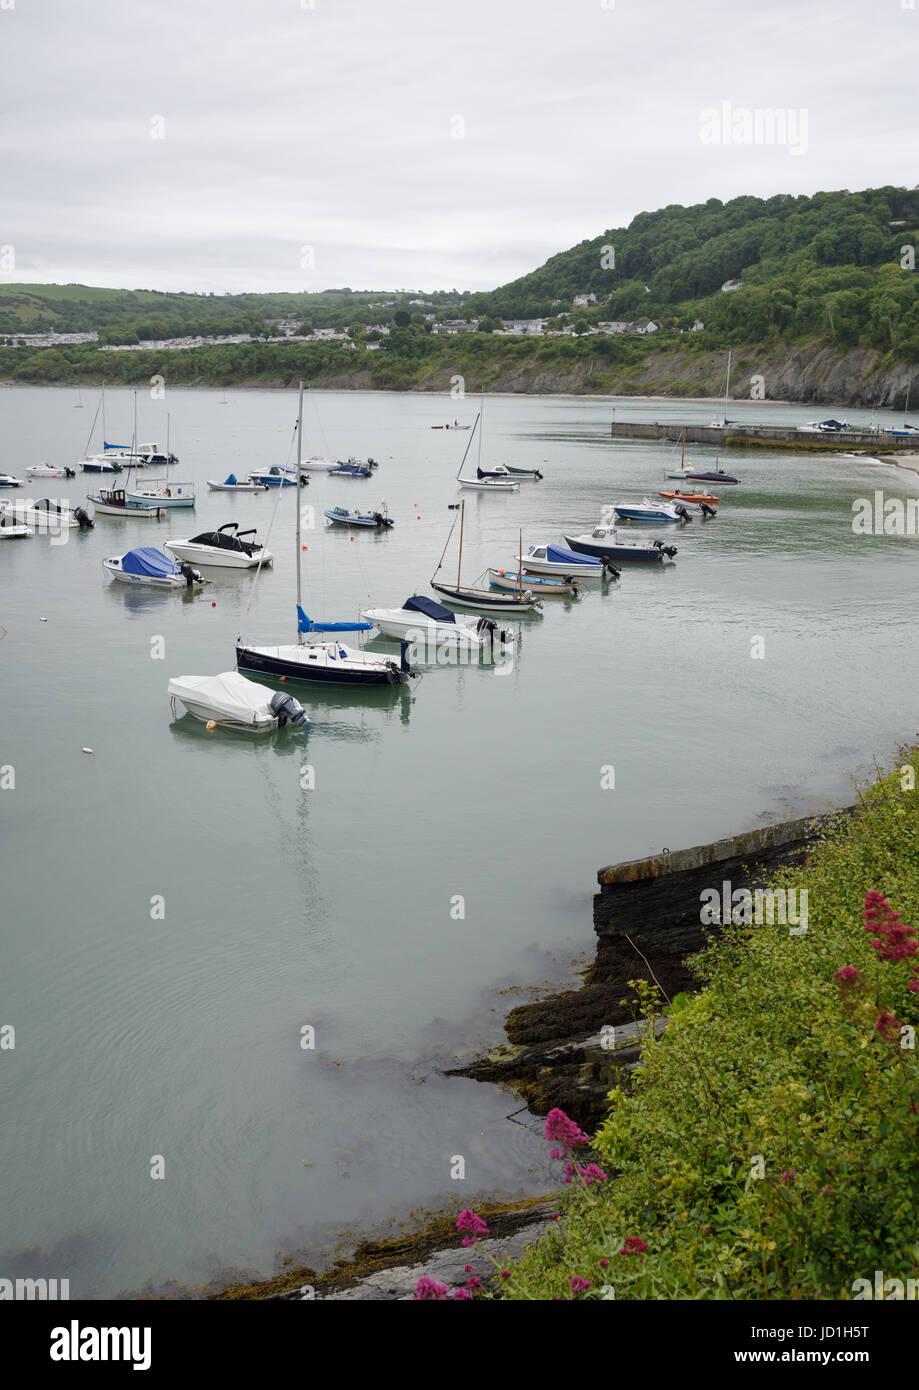 Boats at anchor - Stock Image